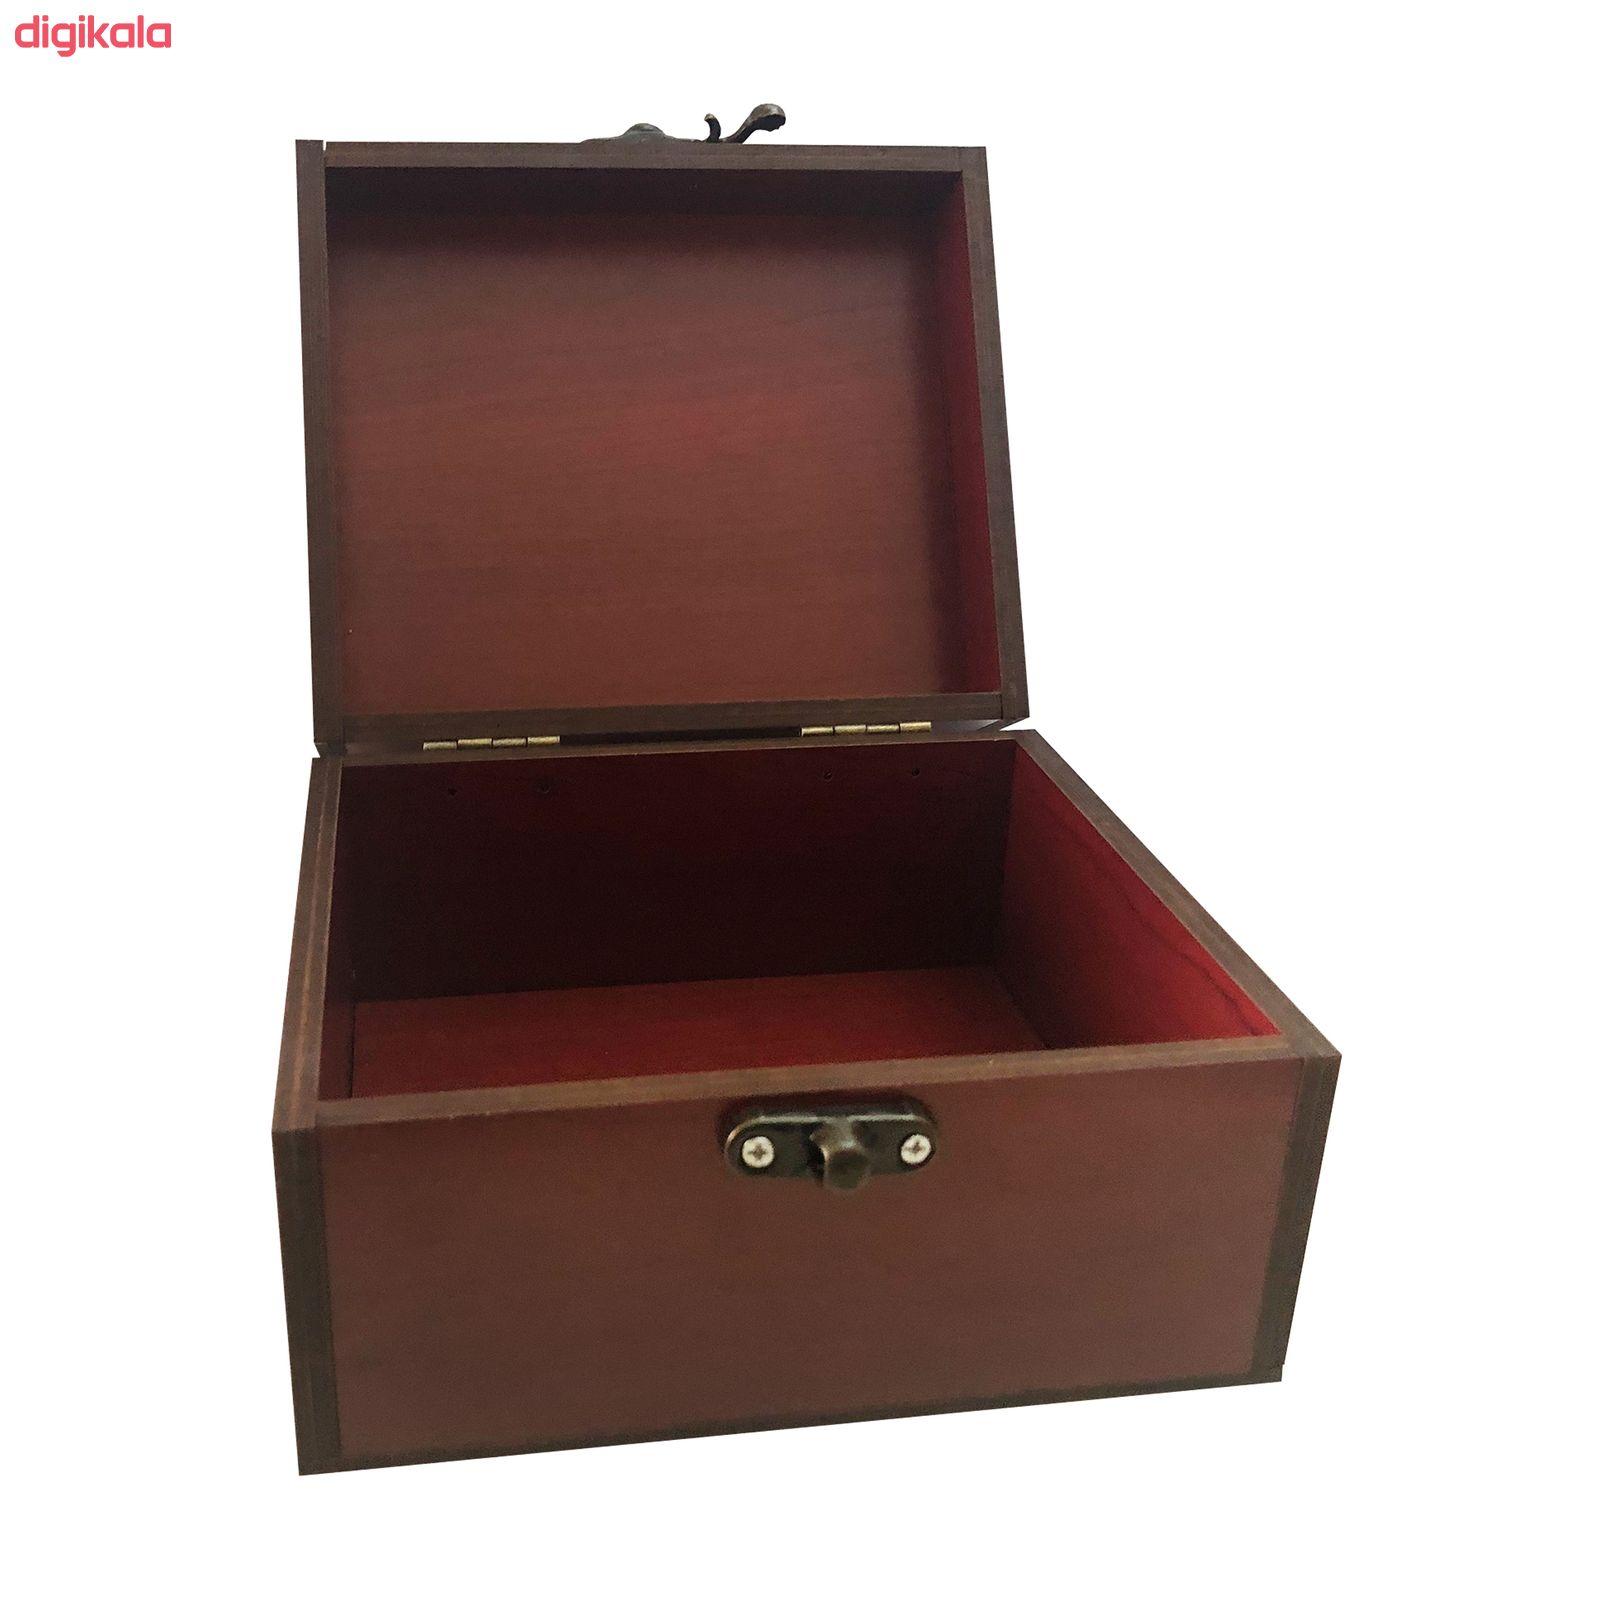 جعبه هدیه چوبی مدل j67 main 1 5